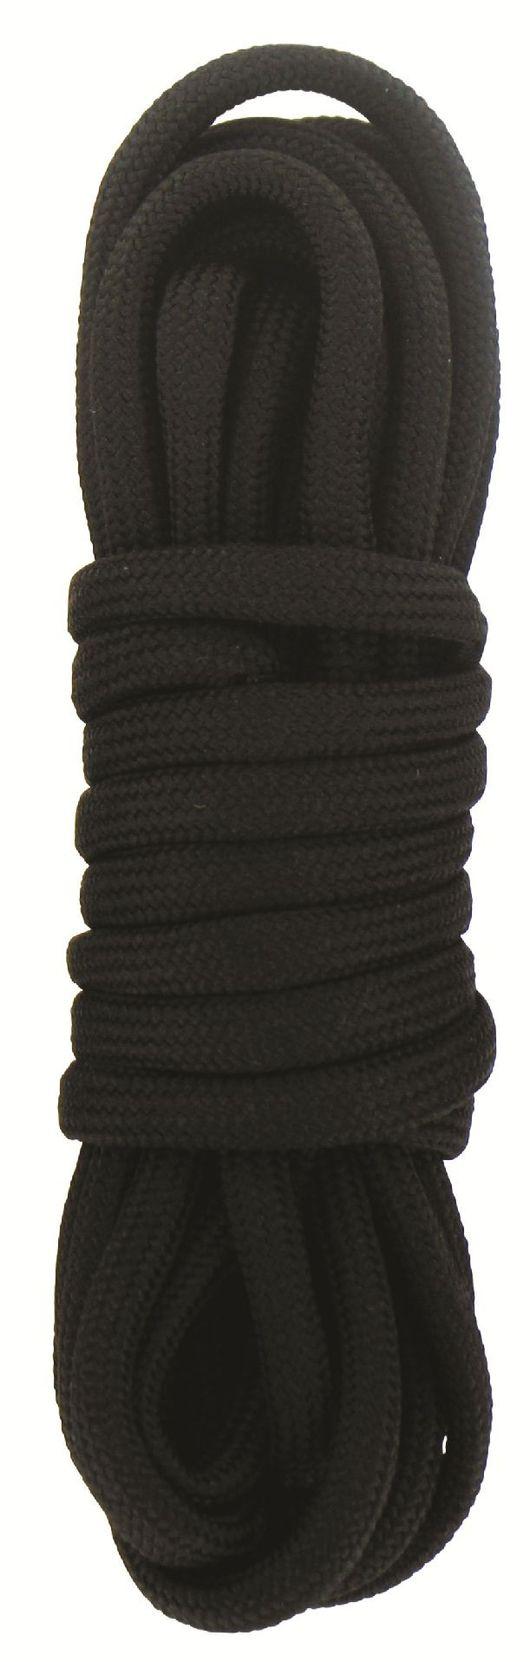 Combat Boot Laces 180cm long